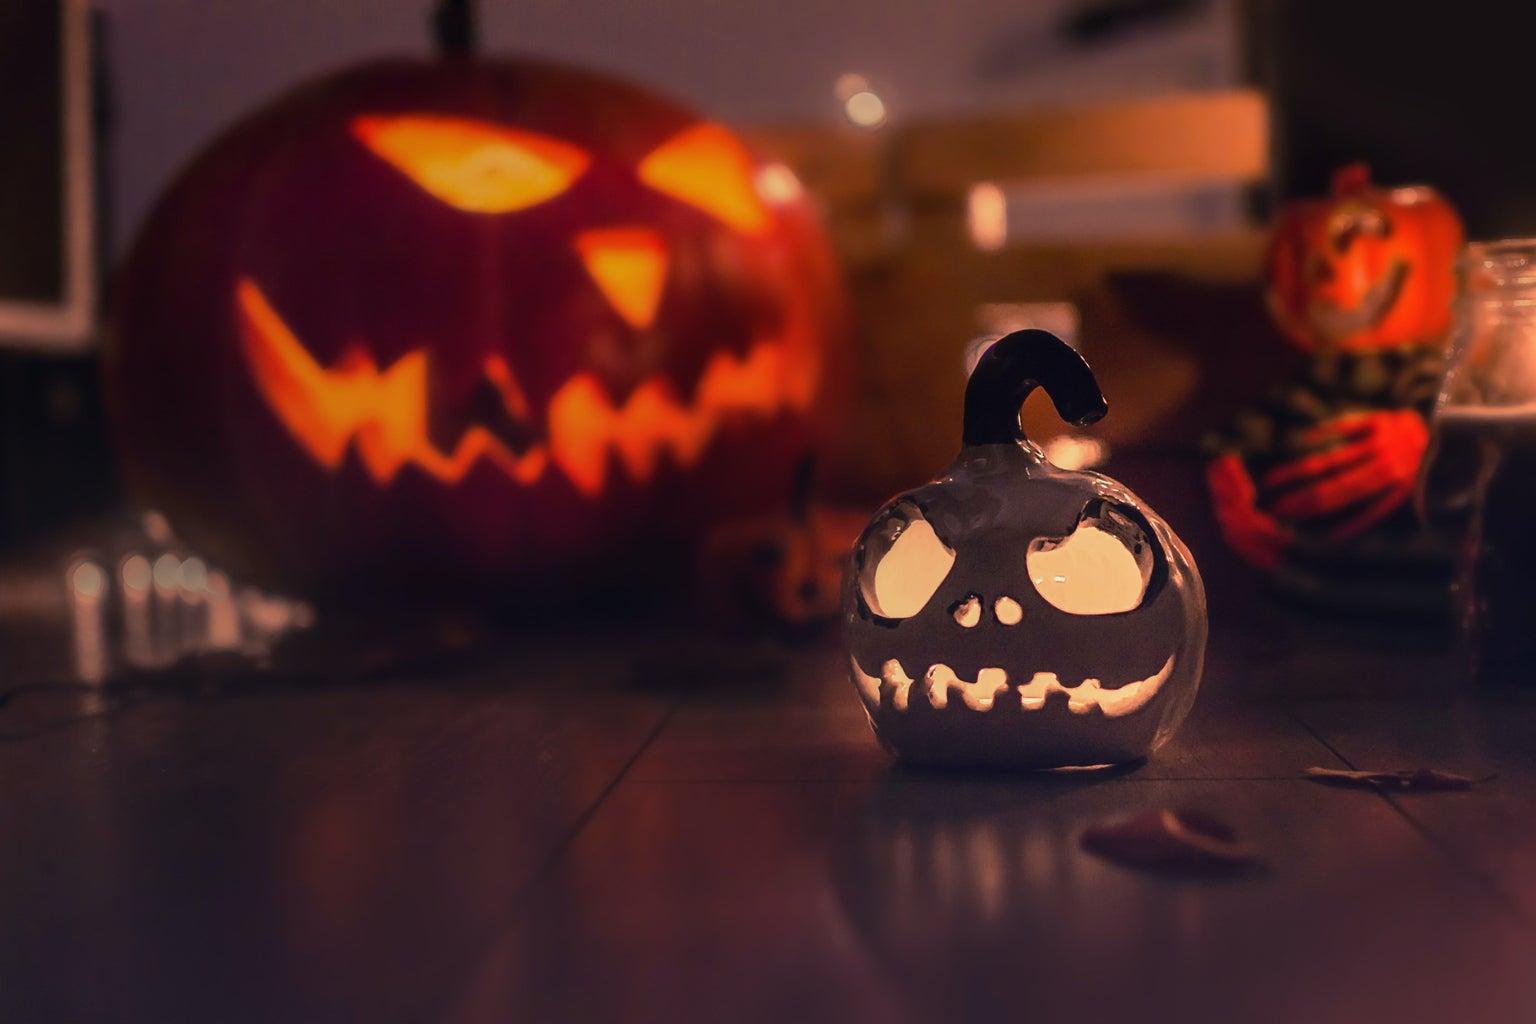 Orange and gray jack-o-lantern